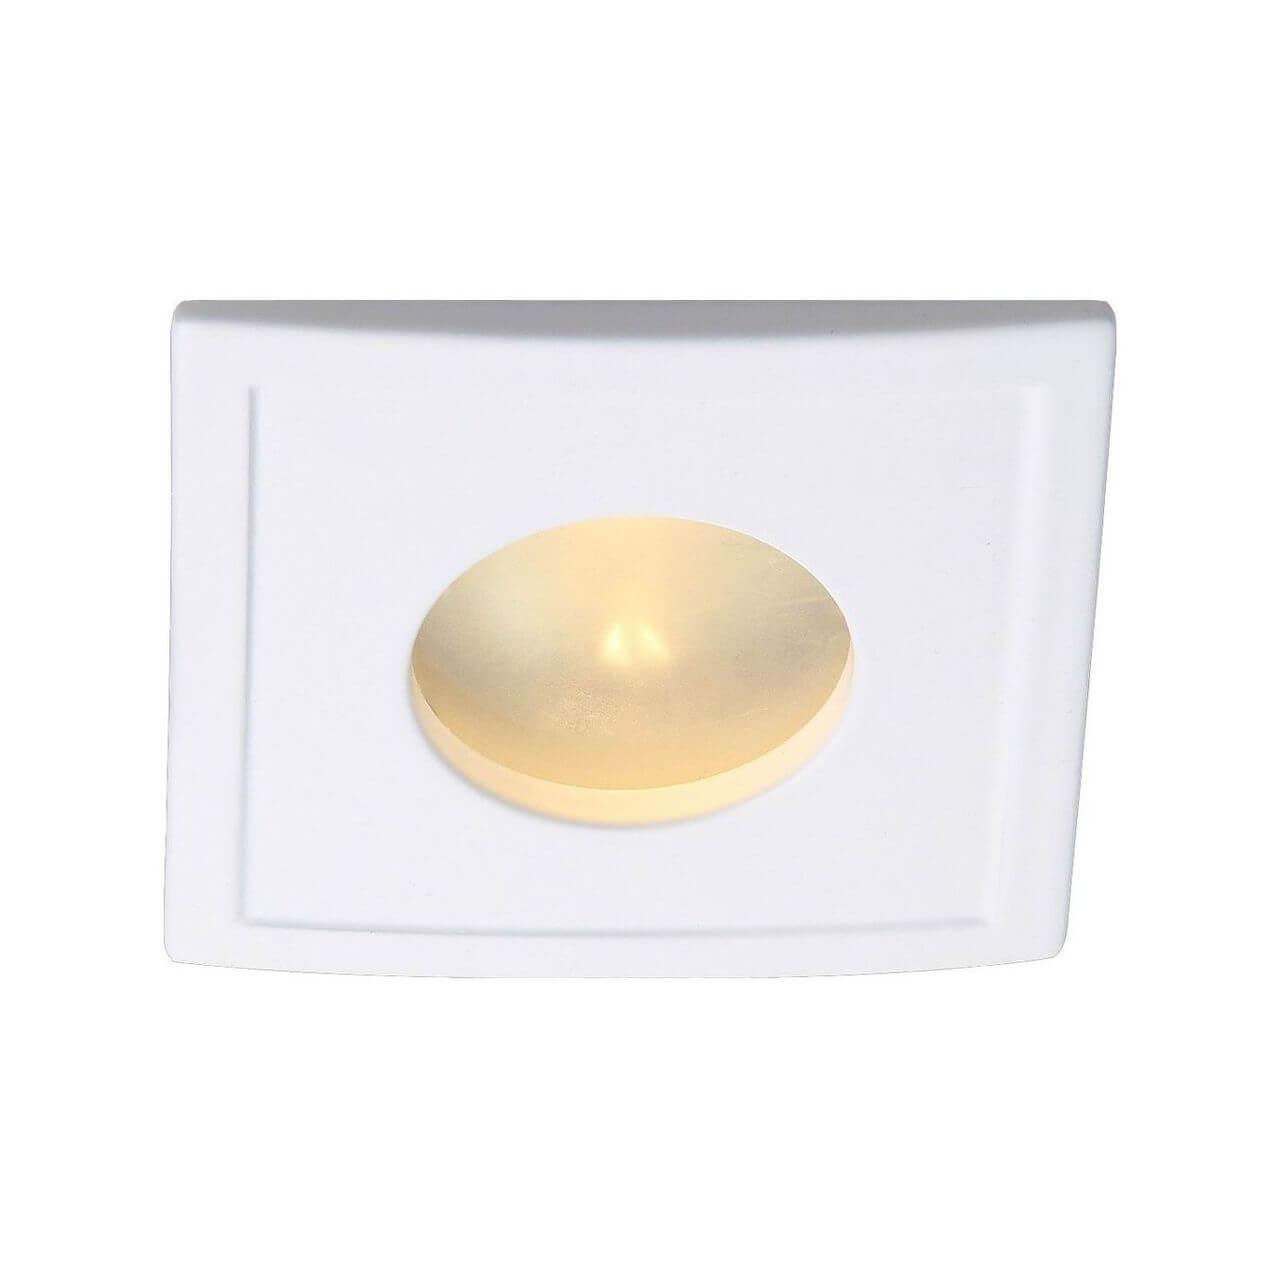 Встраиваемый светильник Arte Lamp Aqua A5444PL-1WH цена 2017